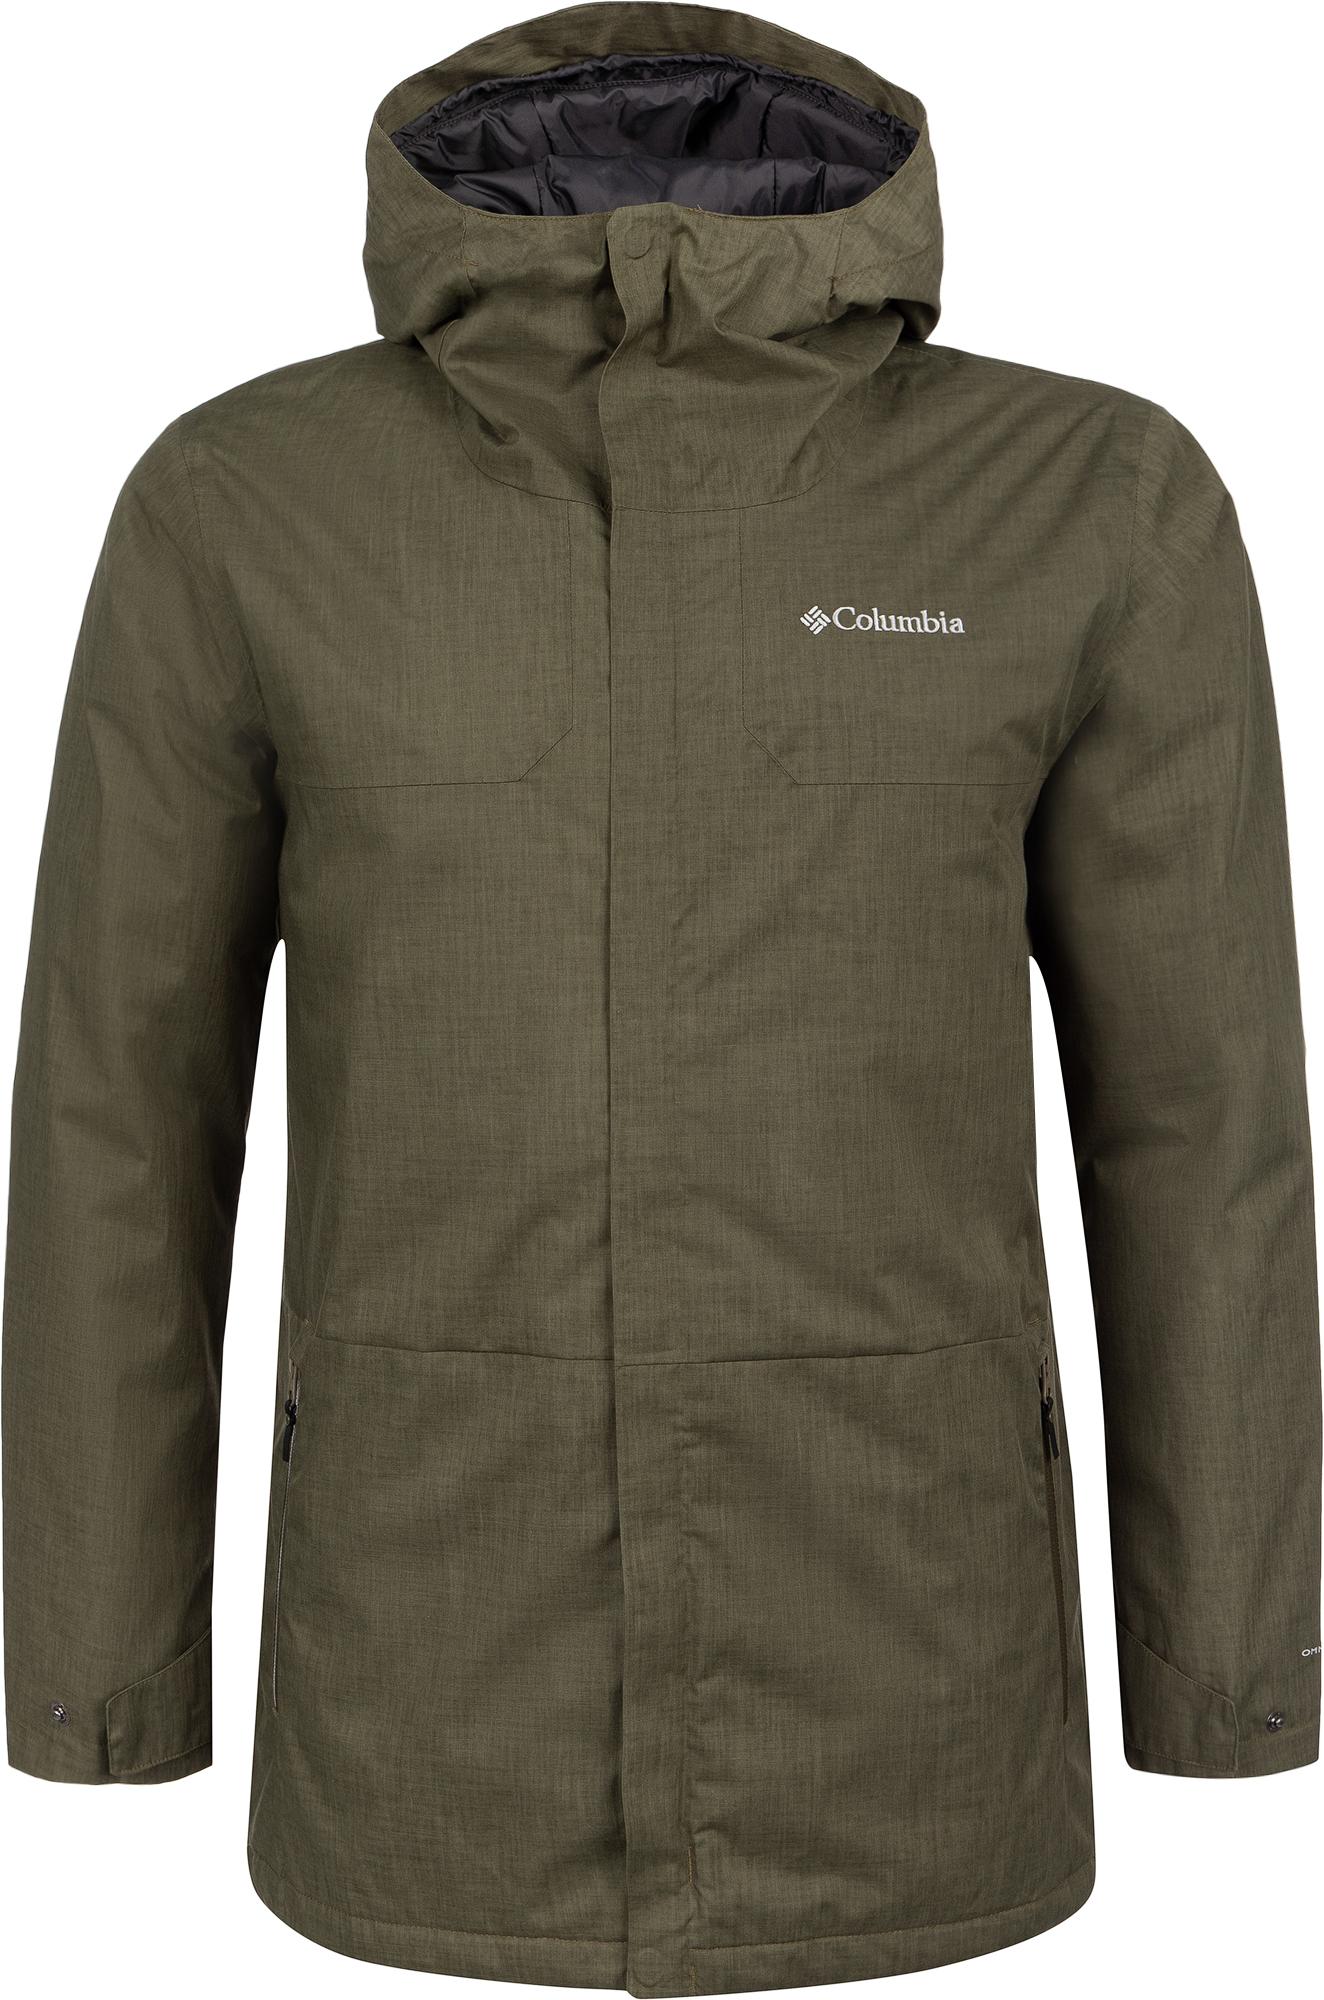 Columbia Куртка утепленная мужская Rowland Heights, размер 56